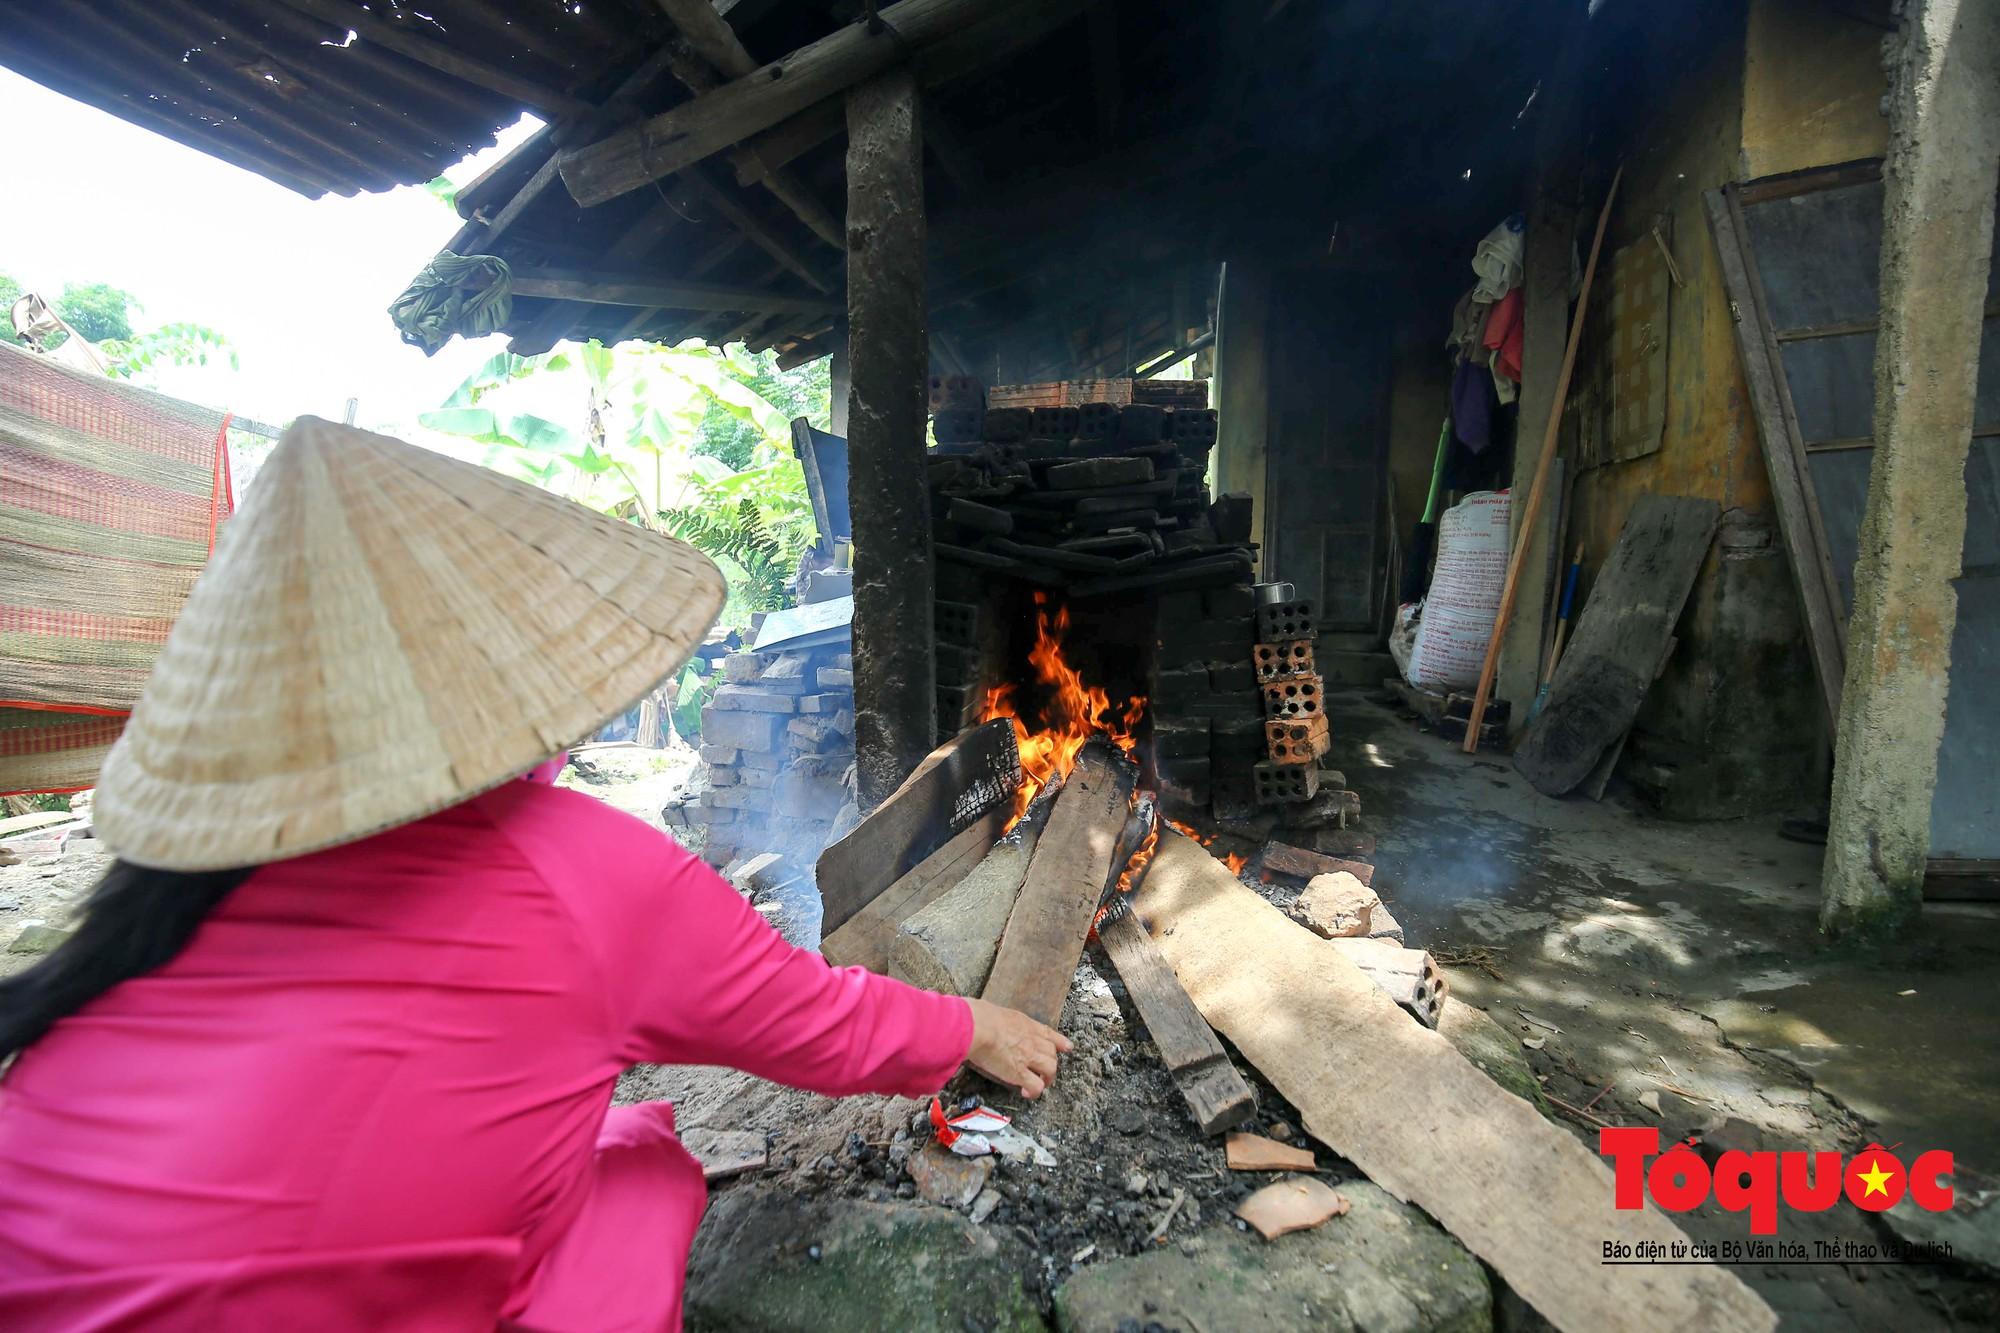 Vẻ đẹp trầm mặc của làng gốm gần nghìn năm tuổi bên dòng sông Thu Bồn20